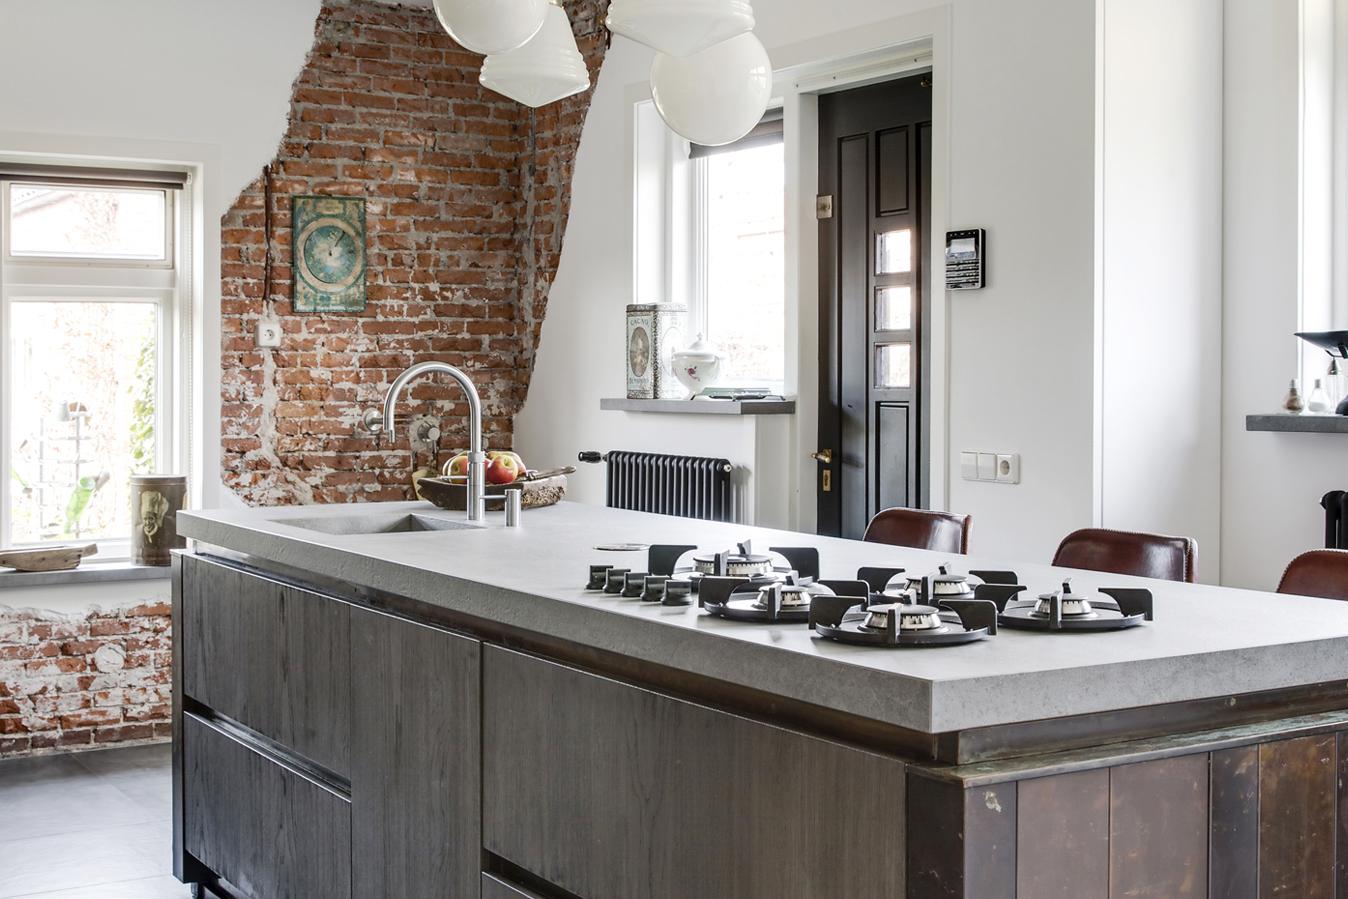 Nieuwe Keuken Uitzoeken : keuken opknappen met klein budget keuken opknappen met klein budget